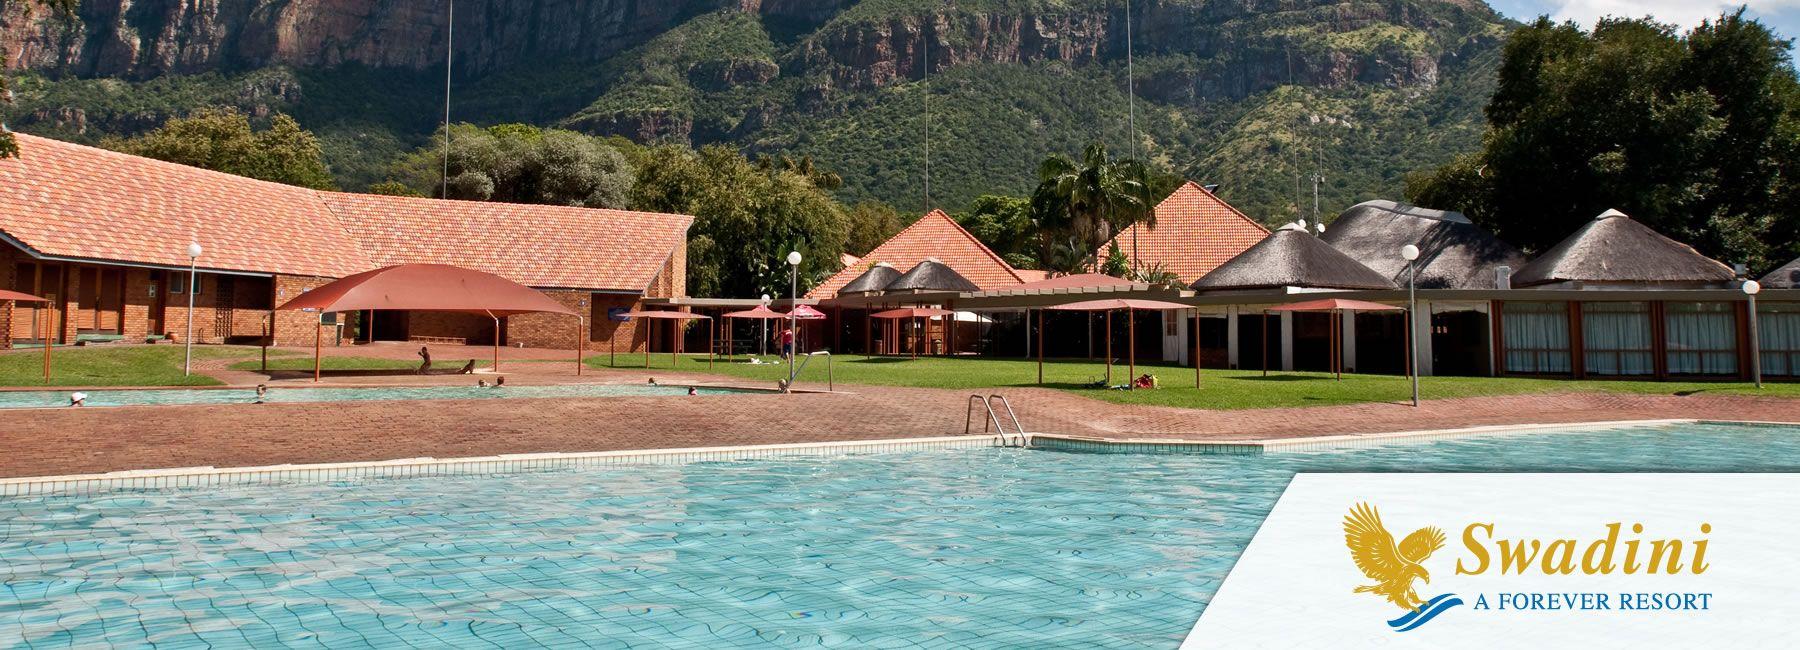 Swadini, A Forever Resort